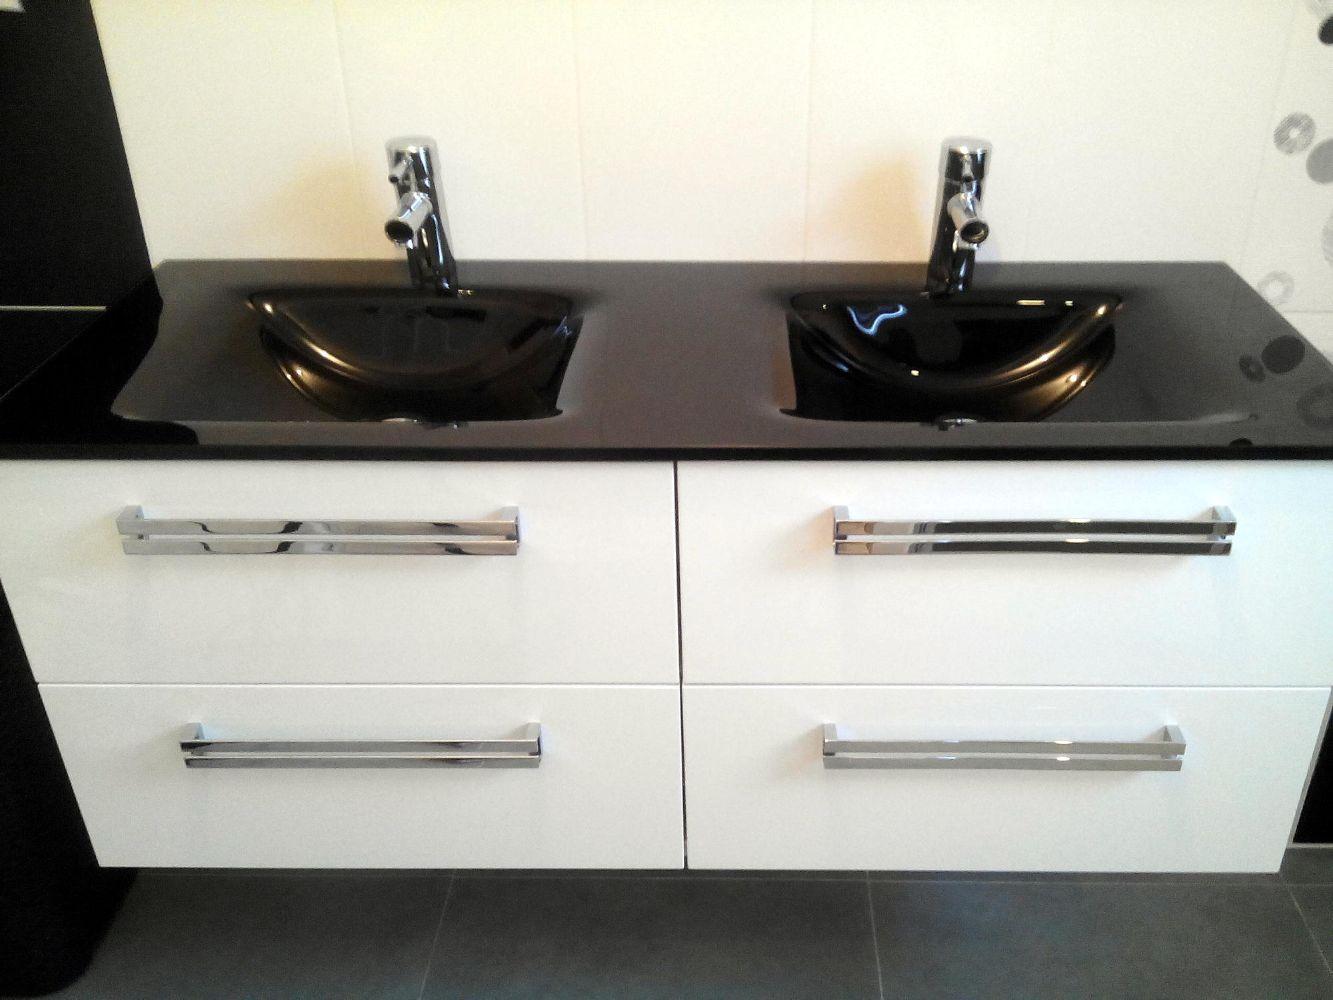 photos r alisation cyril clavier plombier salle de bain plomberie chaudi re st michel. Black Bedroom Furniture Sets. Home Design Ideas